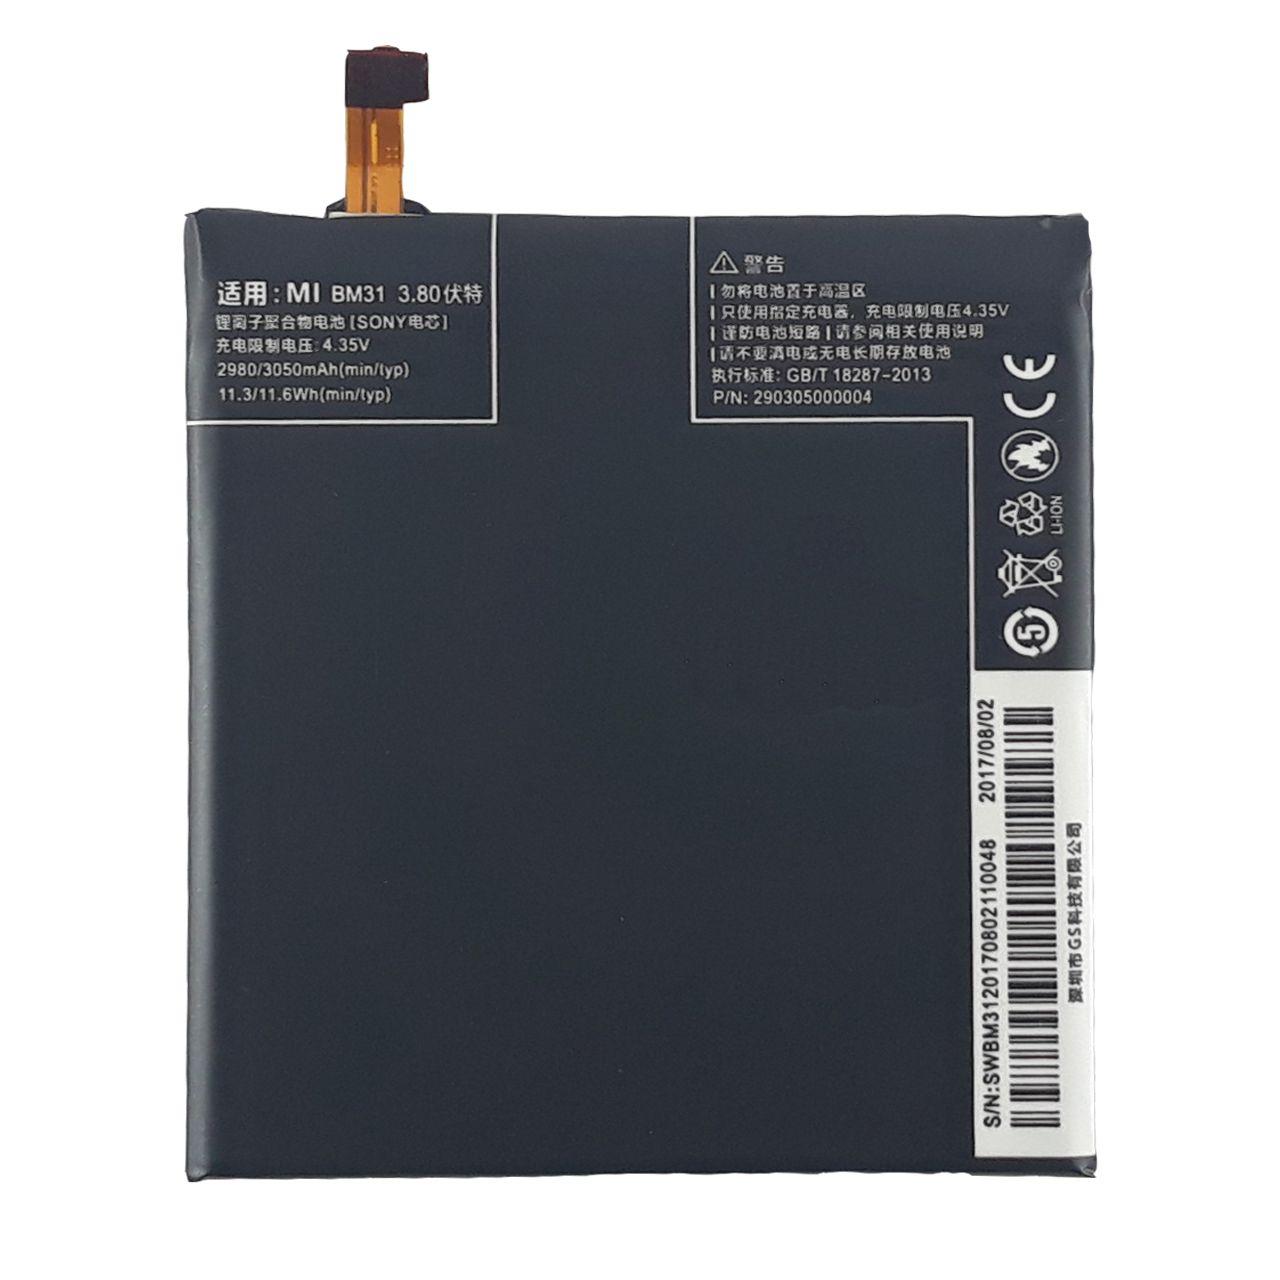 باتری موبایل مدل BM31 ظرفیت 3050 میلی آمپر ساعت مناسب برای گوشی موبایل شیائومی Mi 3